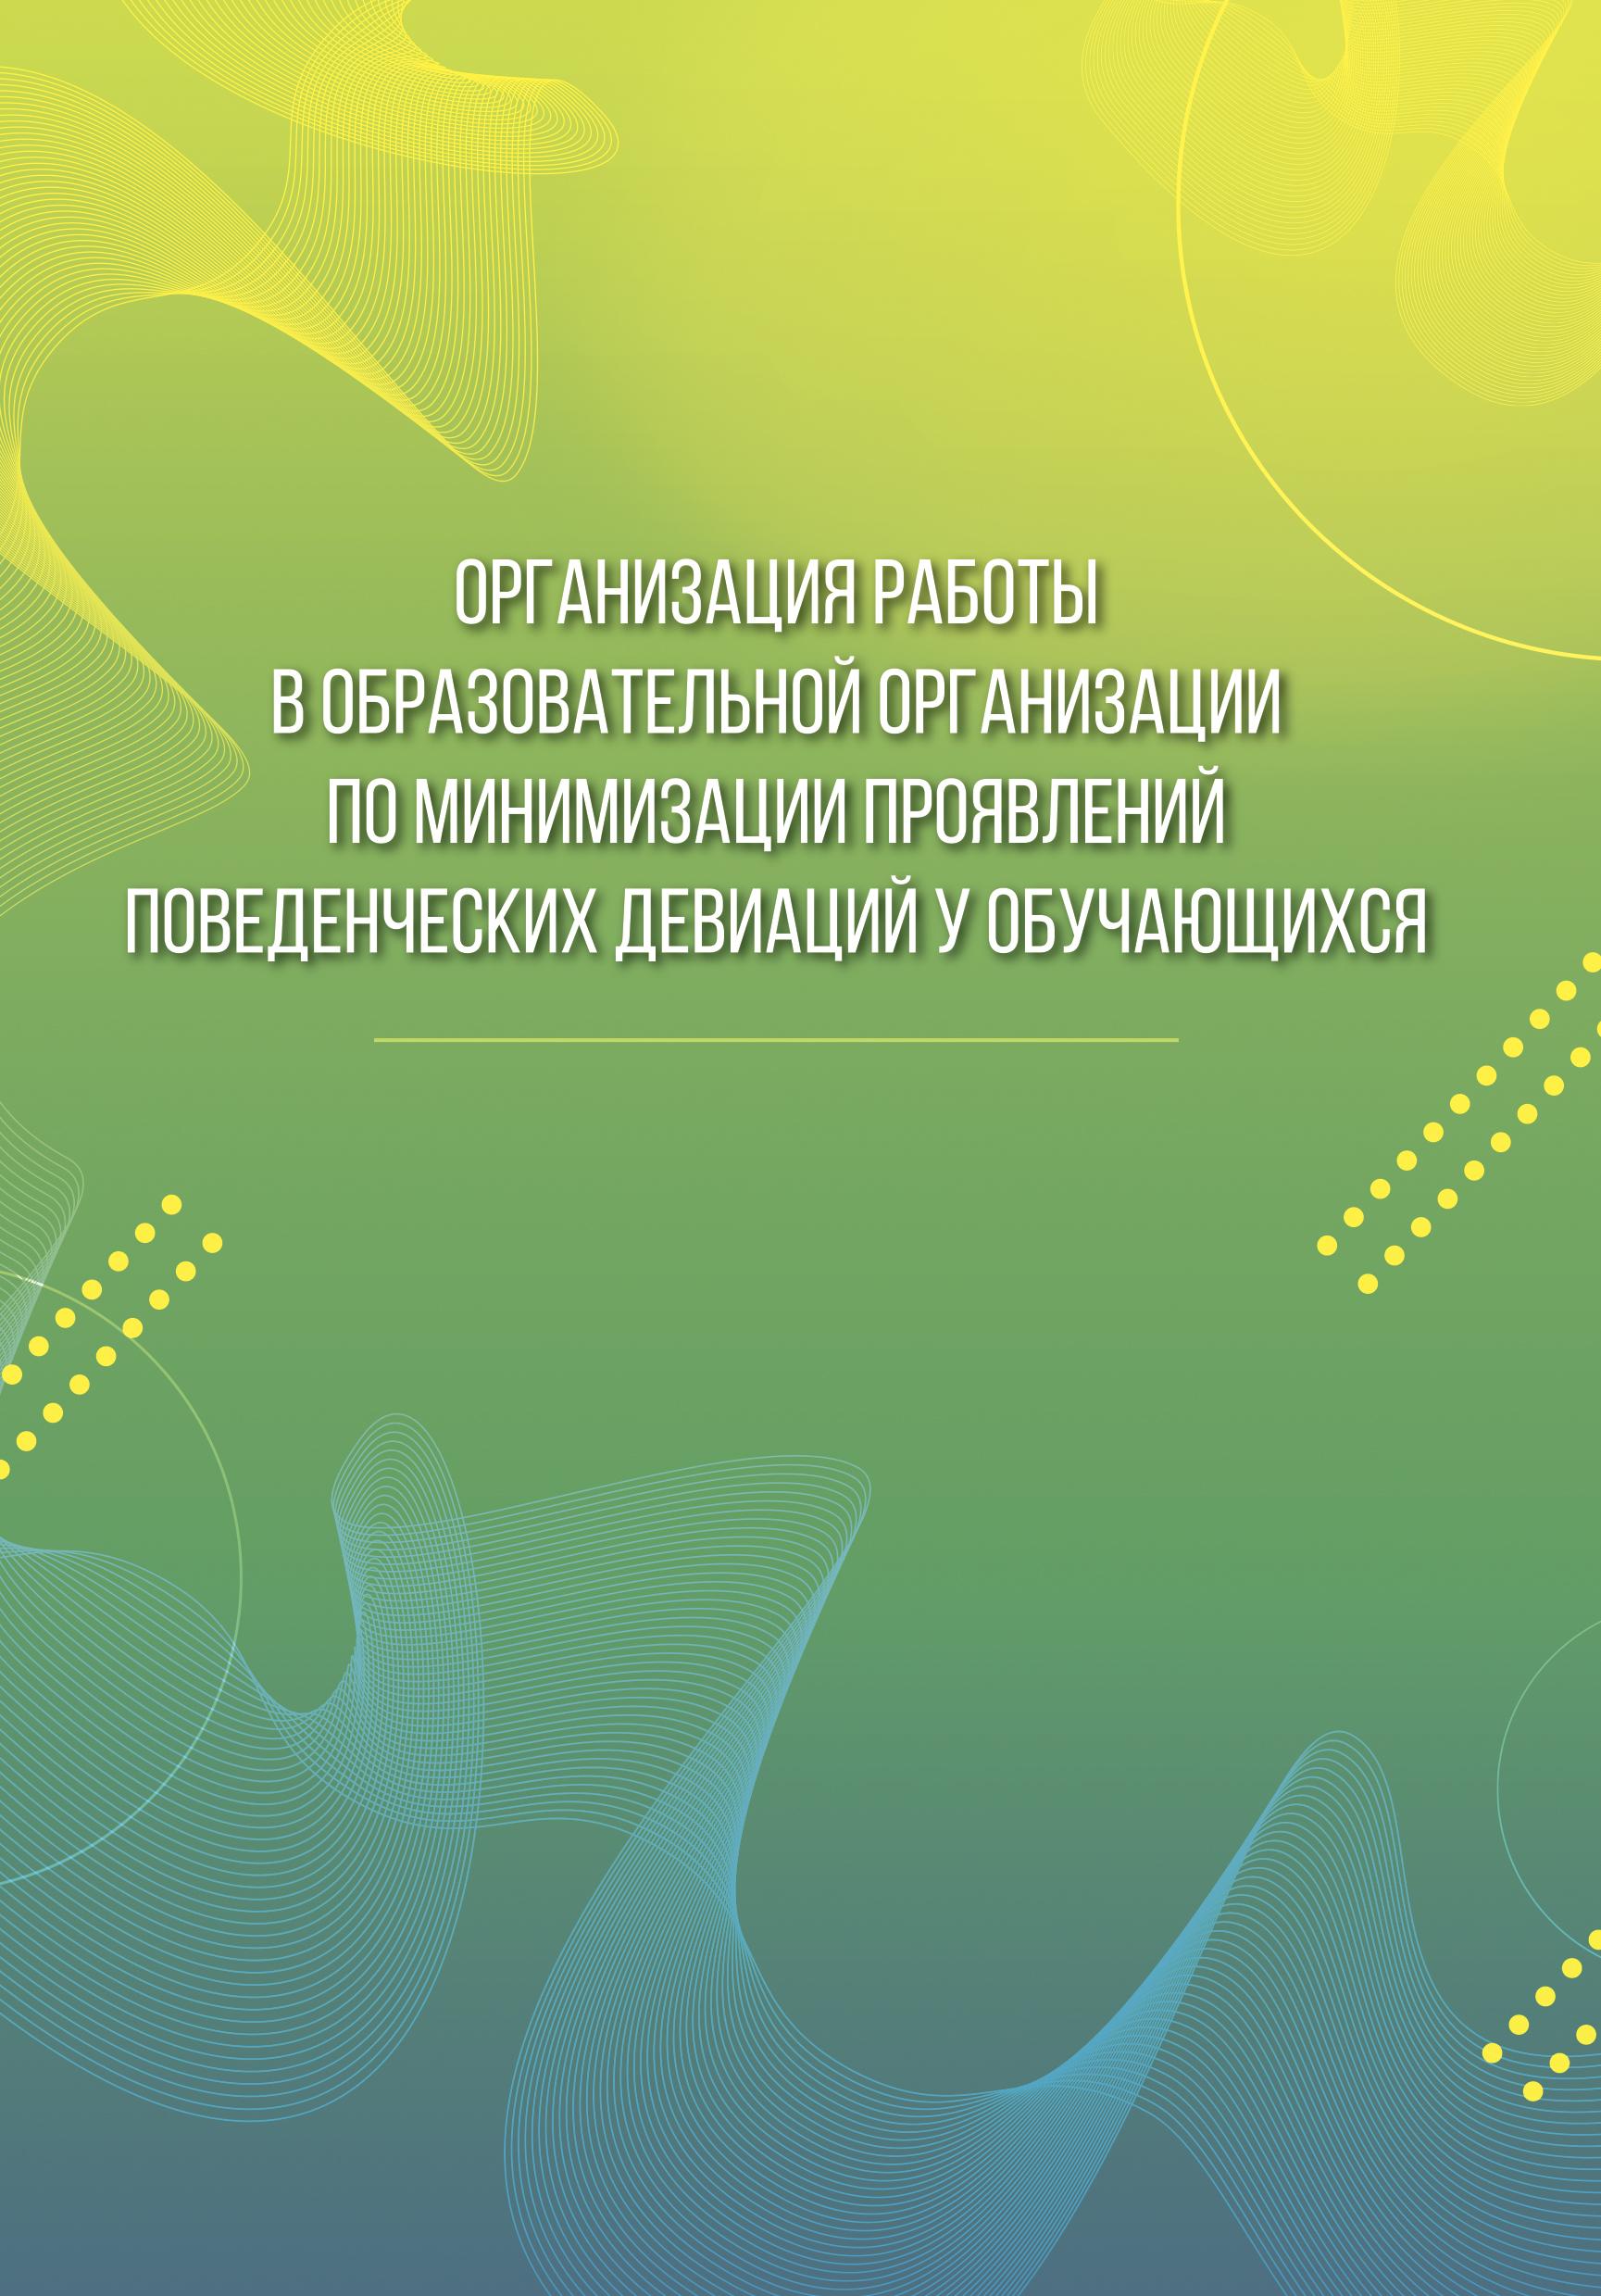 Надежда Скрипкина Организация работы в образовательной организации по минимизации проявлений поведенческих девиаций у обучающихся